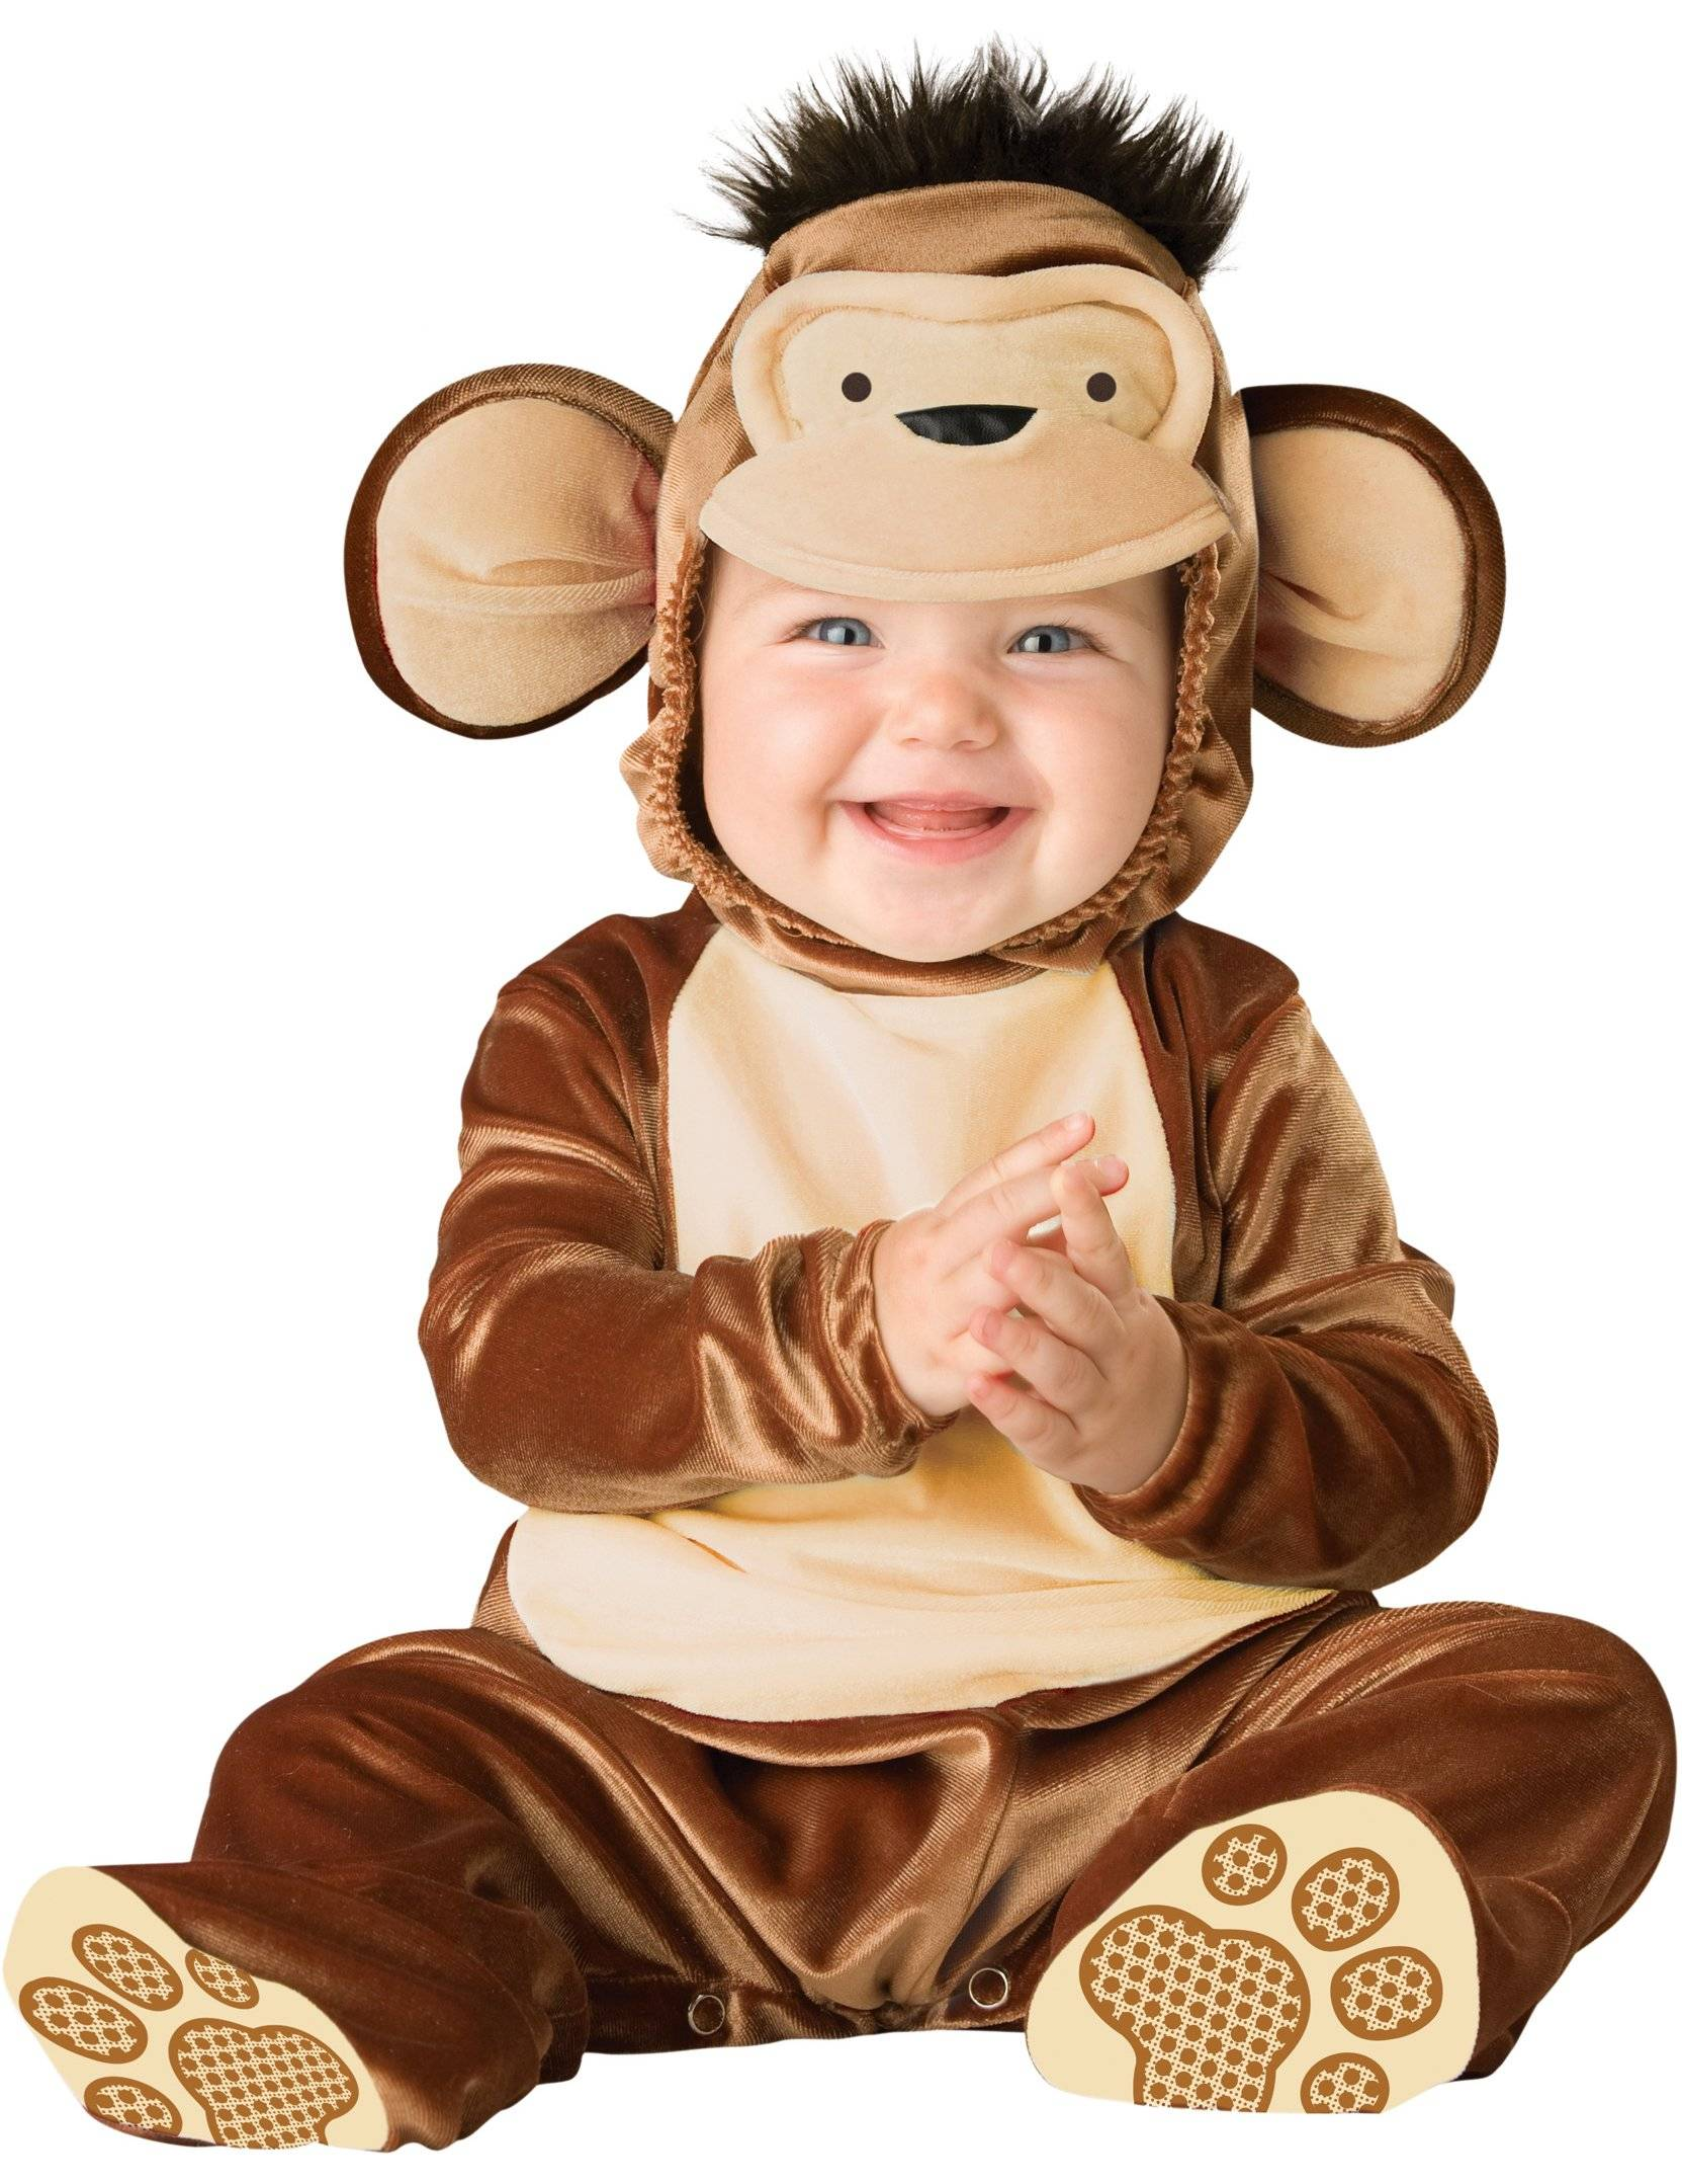 Deguisetoi Déguisement Singe pour bébé - Classique - Taille: 12-18 mois (74-81 cm)